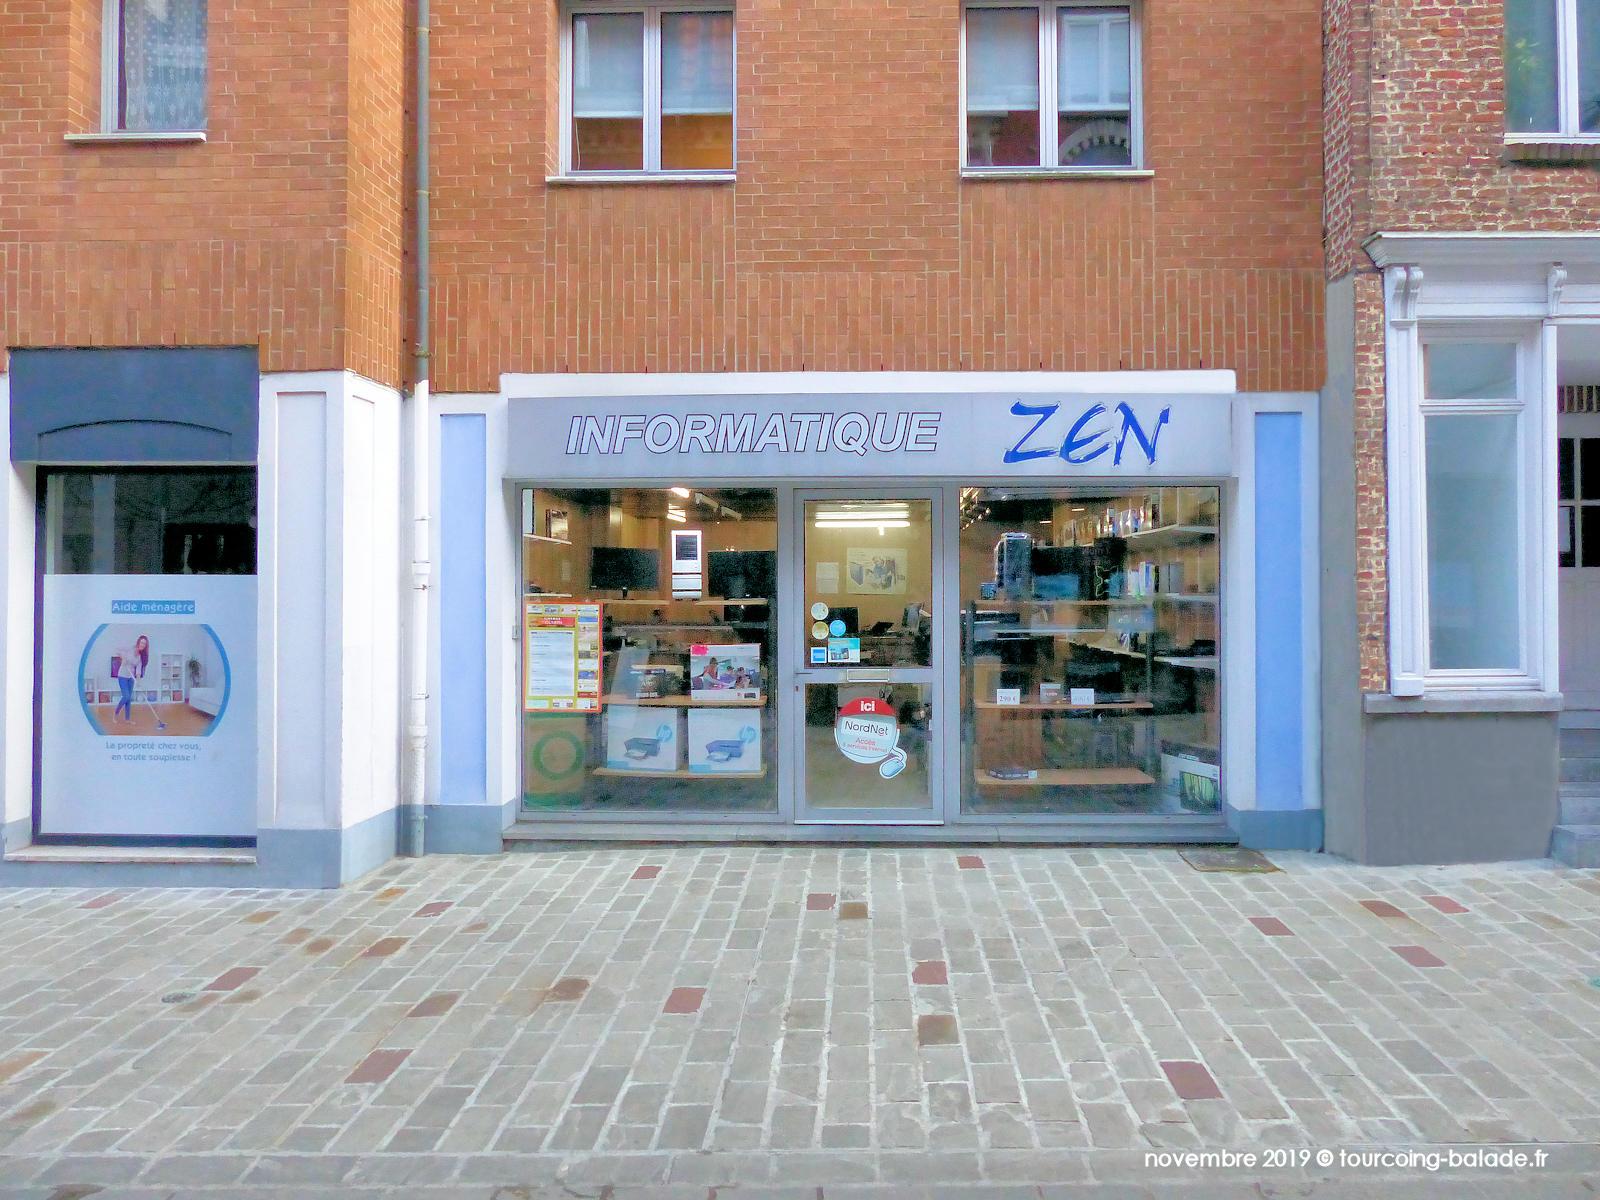 Informatique Zen, Tourcoing 2019